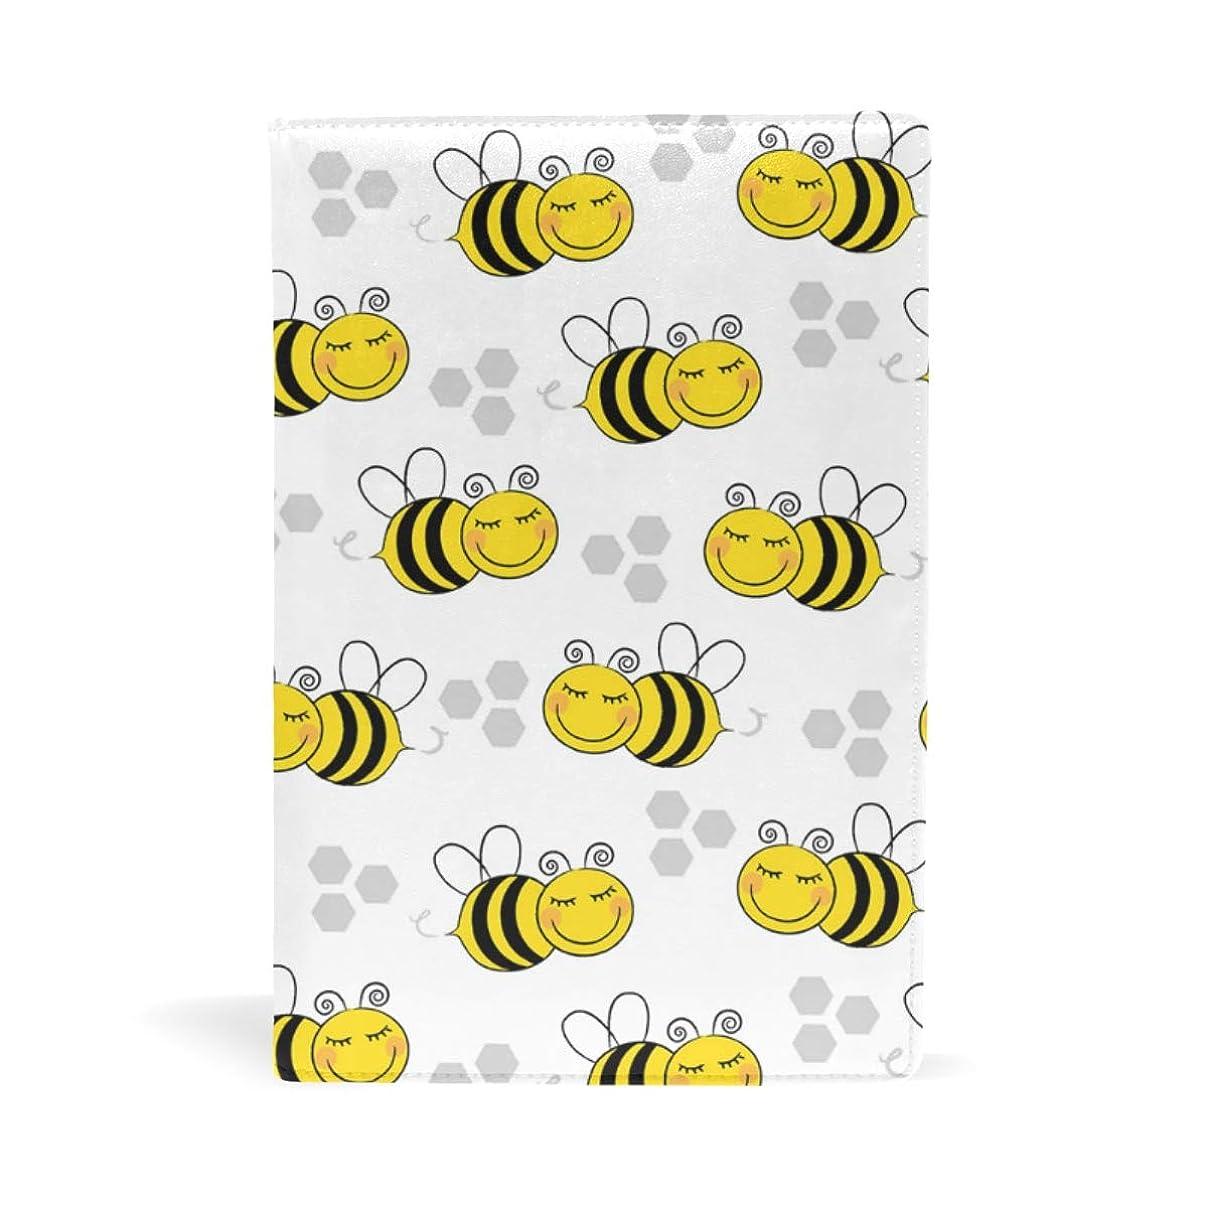 穏やかな変化代わりにを立てるミツバチ ブックカバー 文庫 a5 皮革 おしゃれ 文庫本カバー 資料 収納入れ オフィス用品 読書 雑貨 プレゼント耐久性に優れ